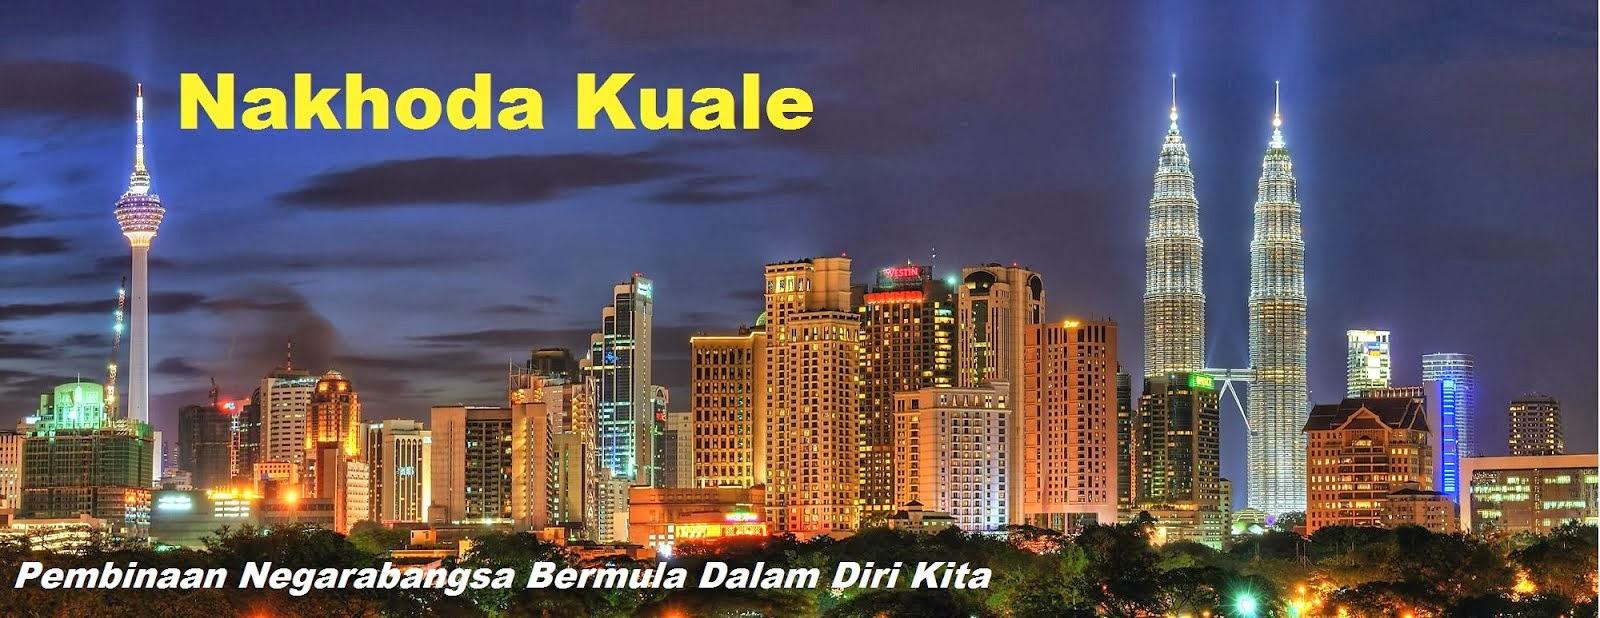 Nakhoda Kuale